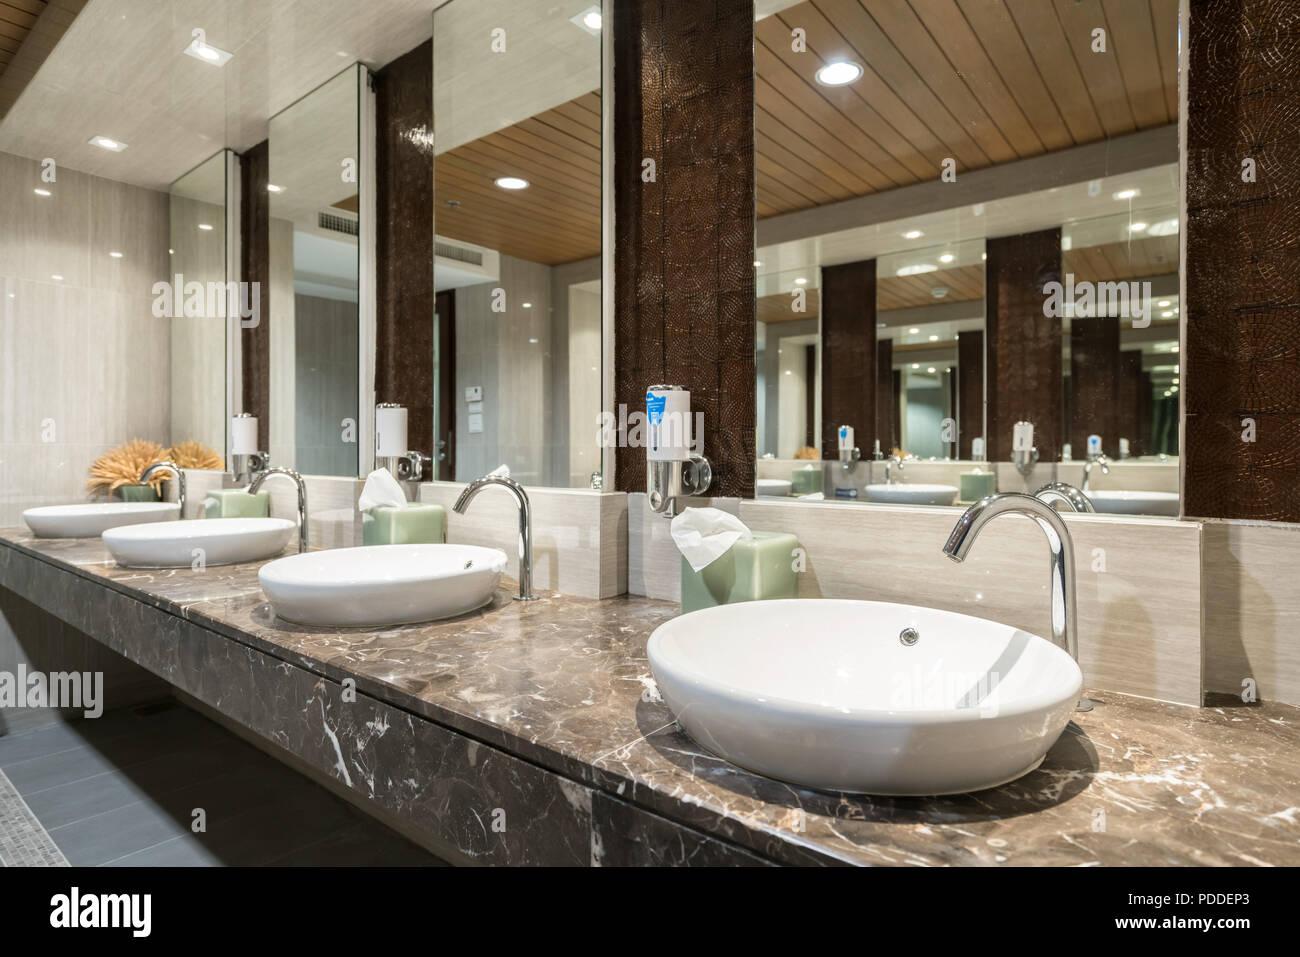 Interno del bagno con lavandino e rubinetto asciugamano nero in